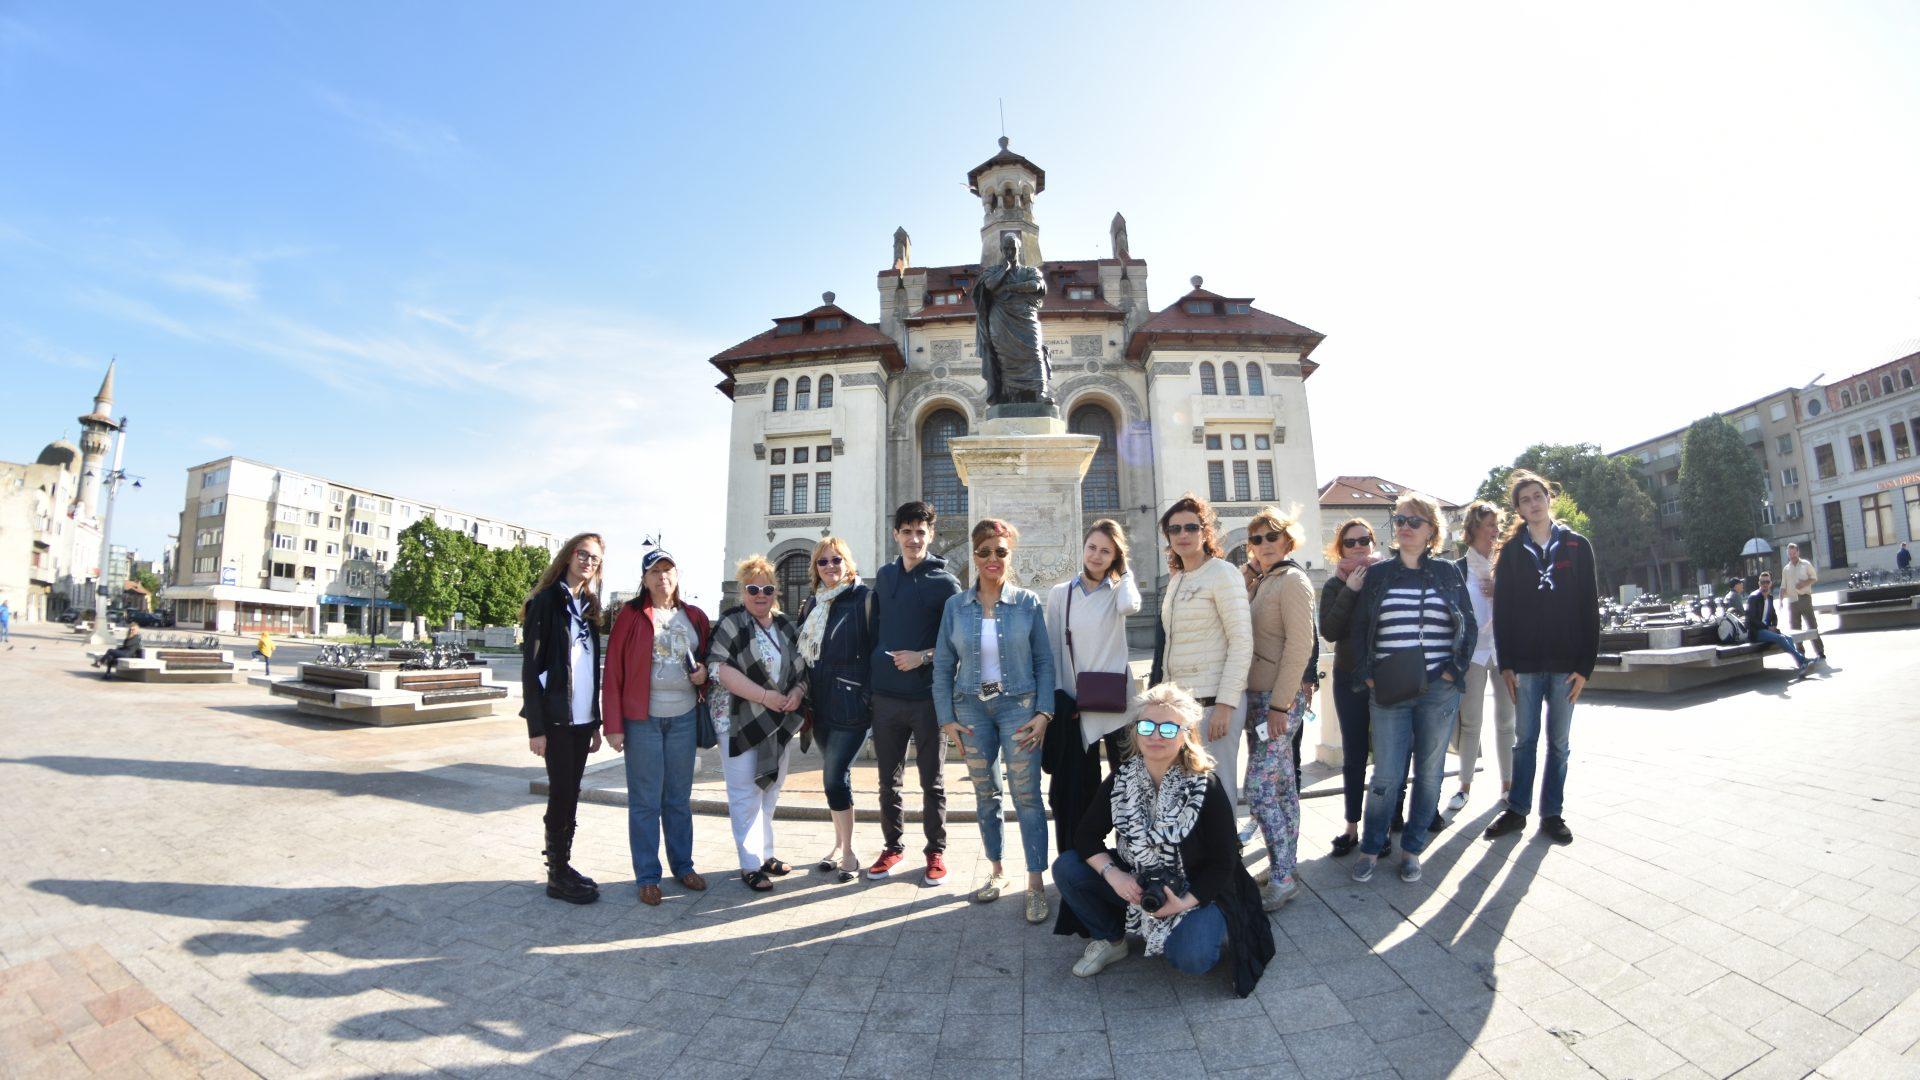 Калинка Тревел завершила второй инфотрип в Румынии и спешит поделиться впечатлениями!